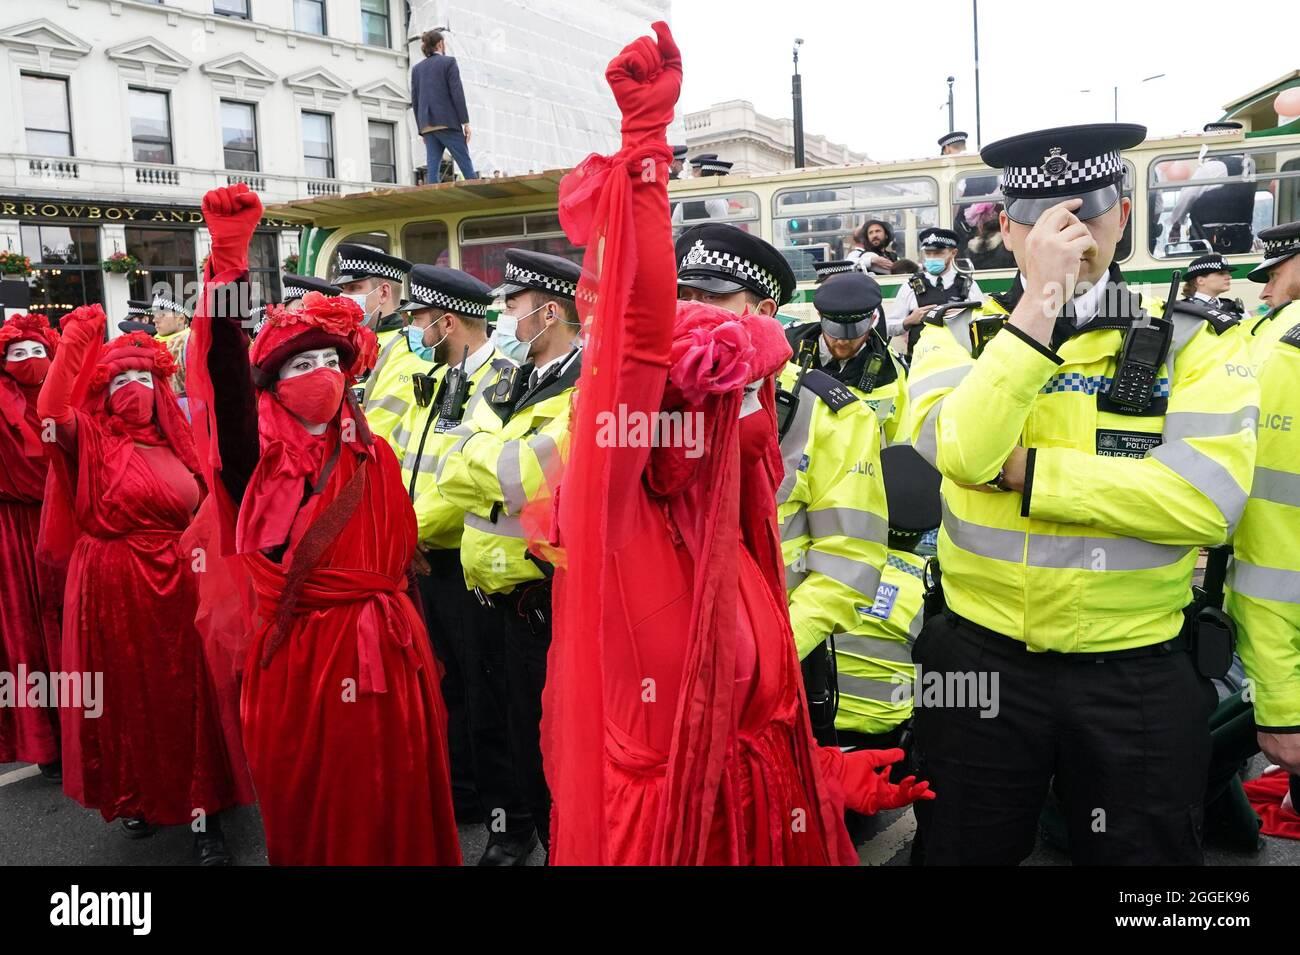 Polizia e dimostranti con un autobus parcheggiato sul London Bridge nel centro di Londra durante una protesta da parte dei membri della Rebellion di estinzione. Data foto: Martedì 31 agosto 2021. Foto Stock